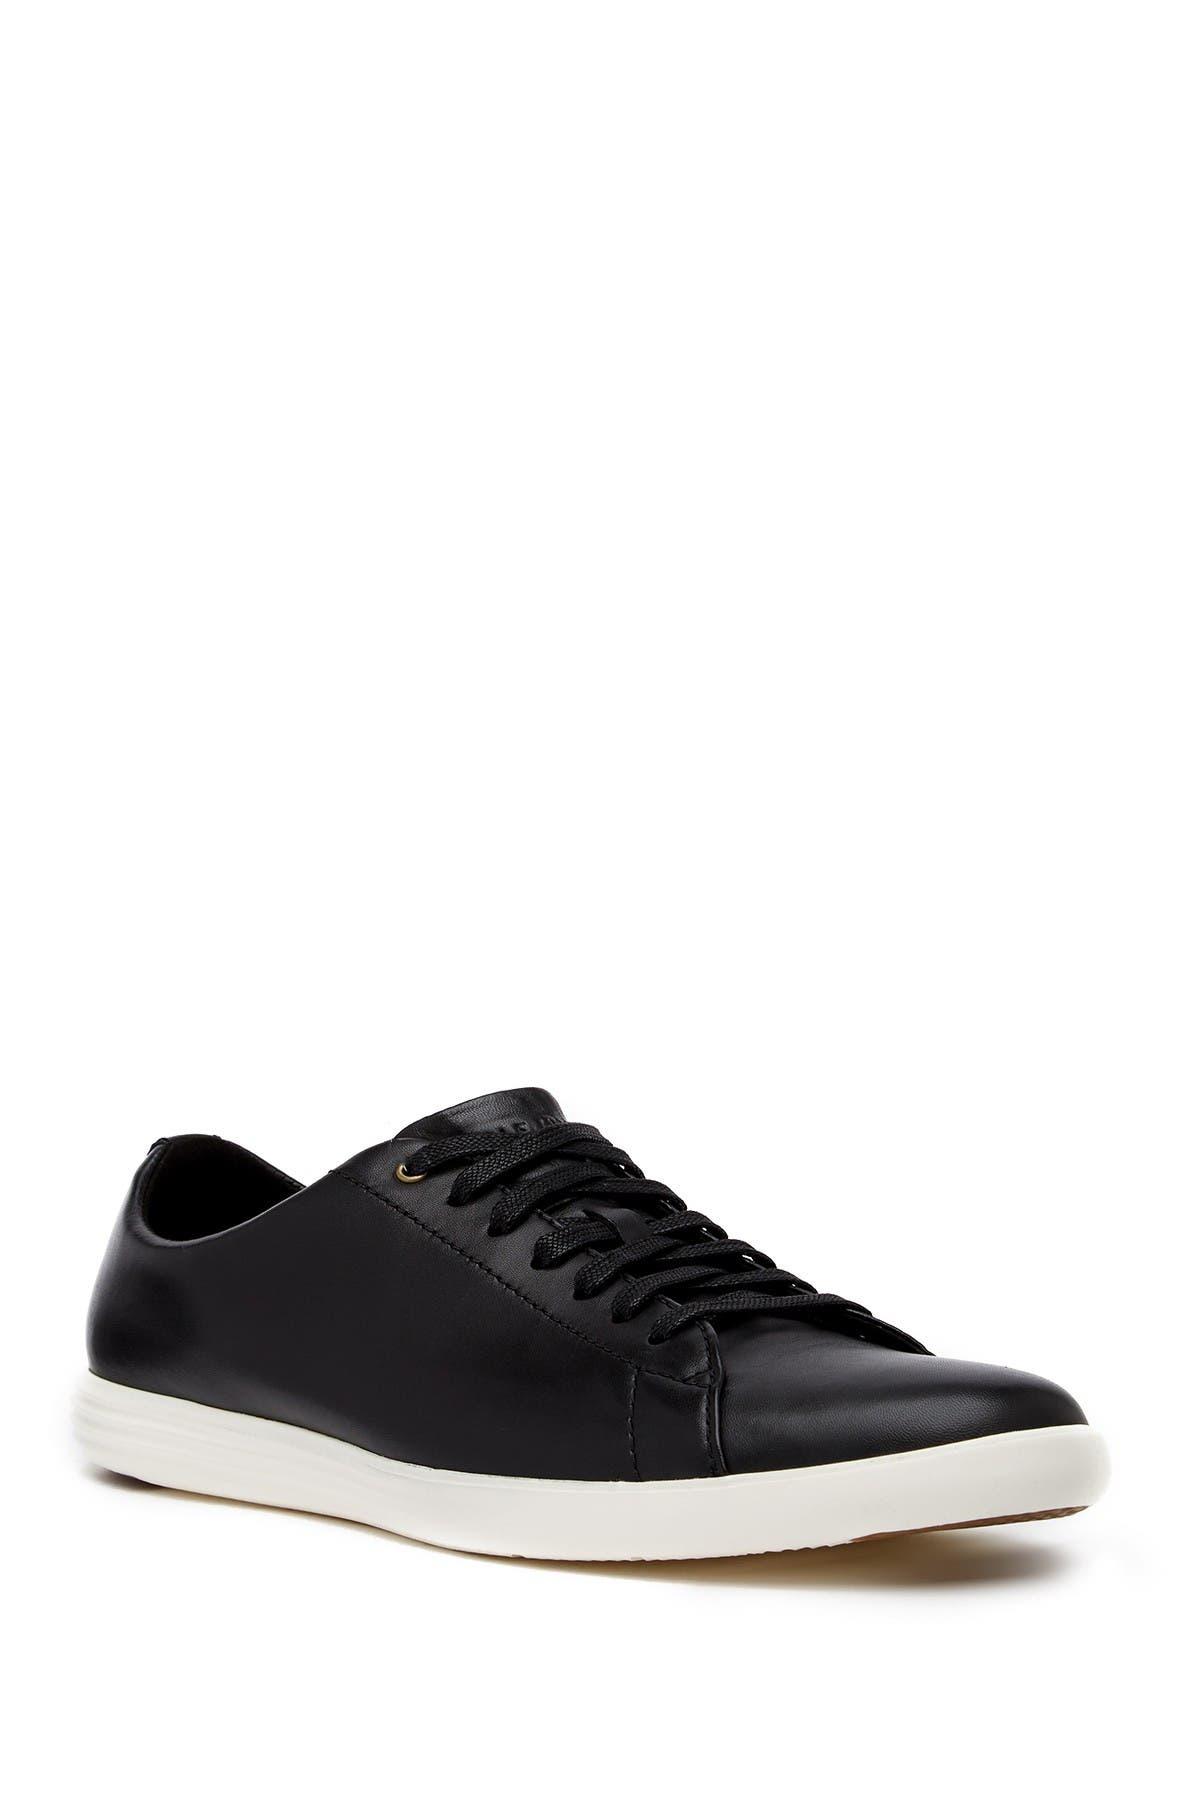 Cole Haan | Grand Crosscourt II Sneaker